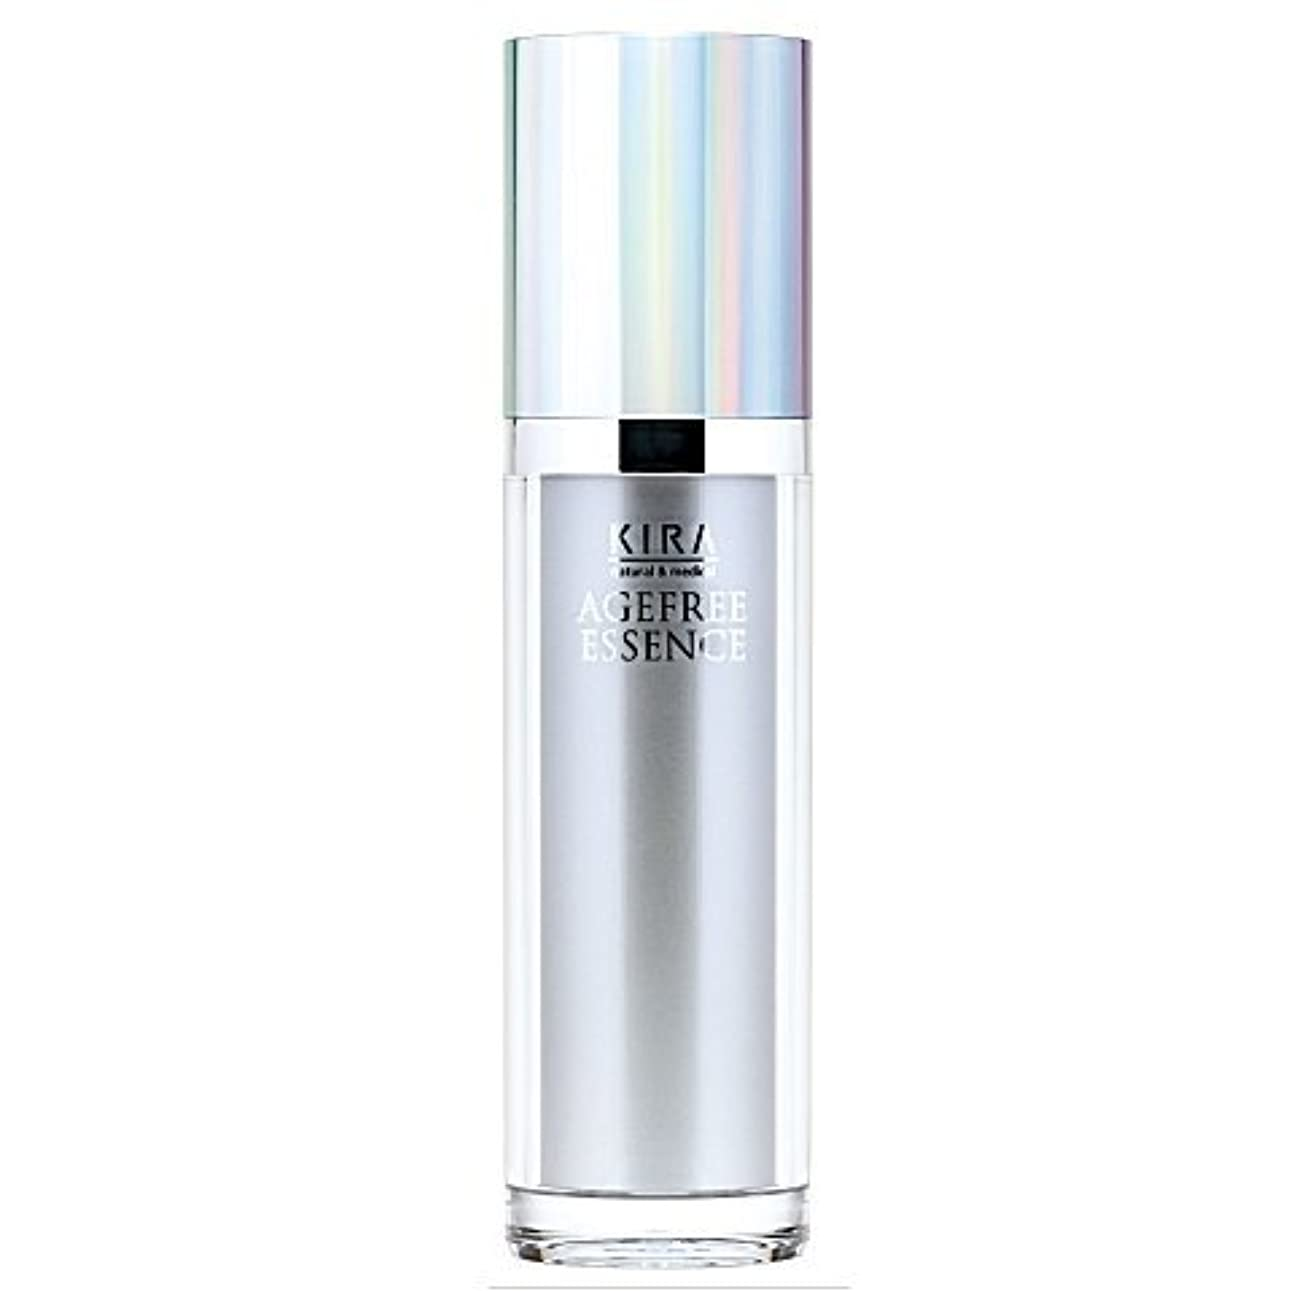 よりコールより綺羅化粧品Newエイジフリーエッセンス 美容液